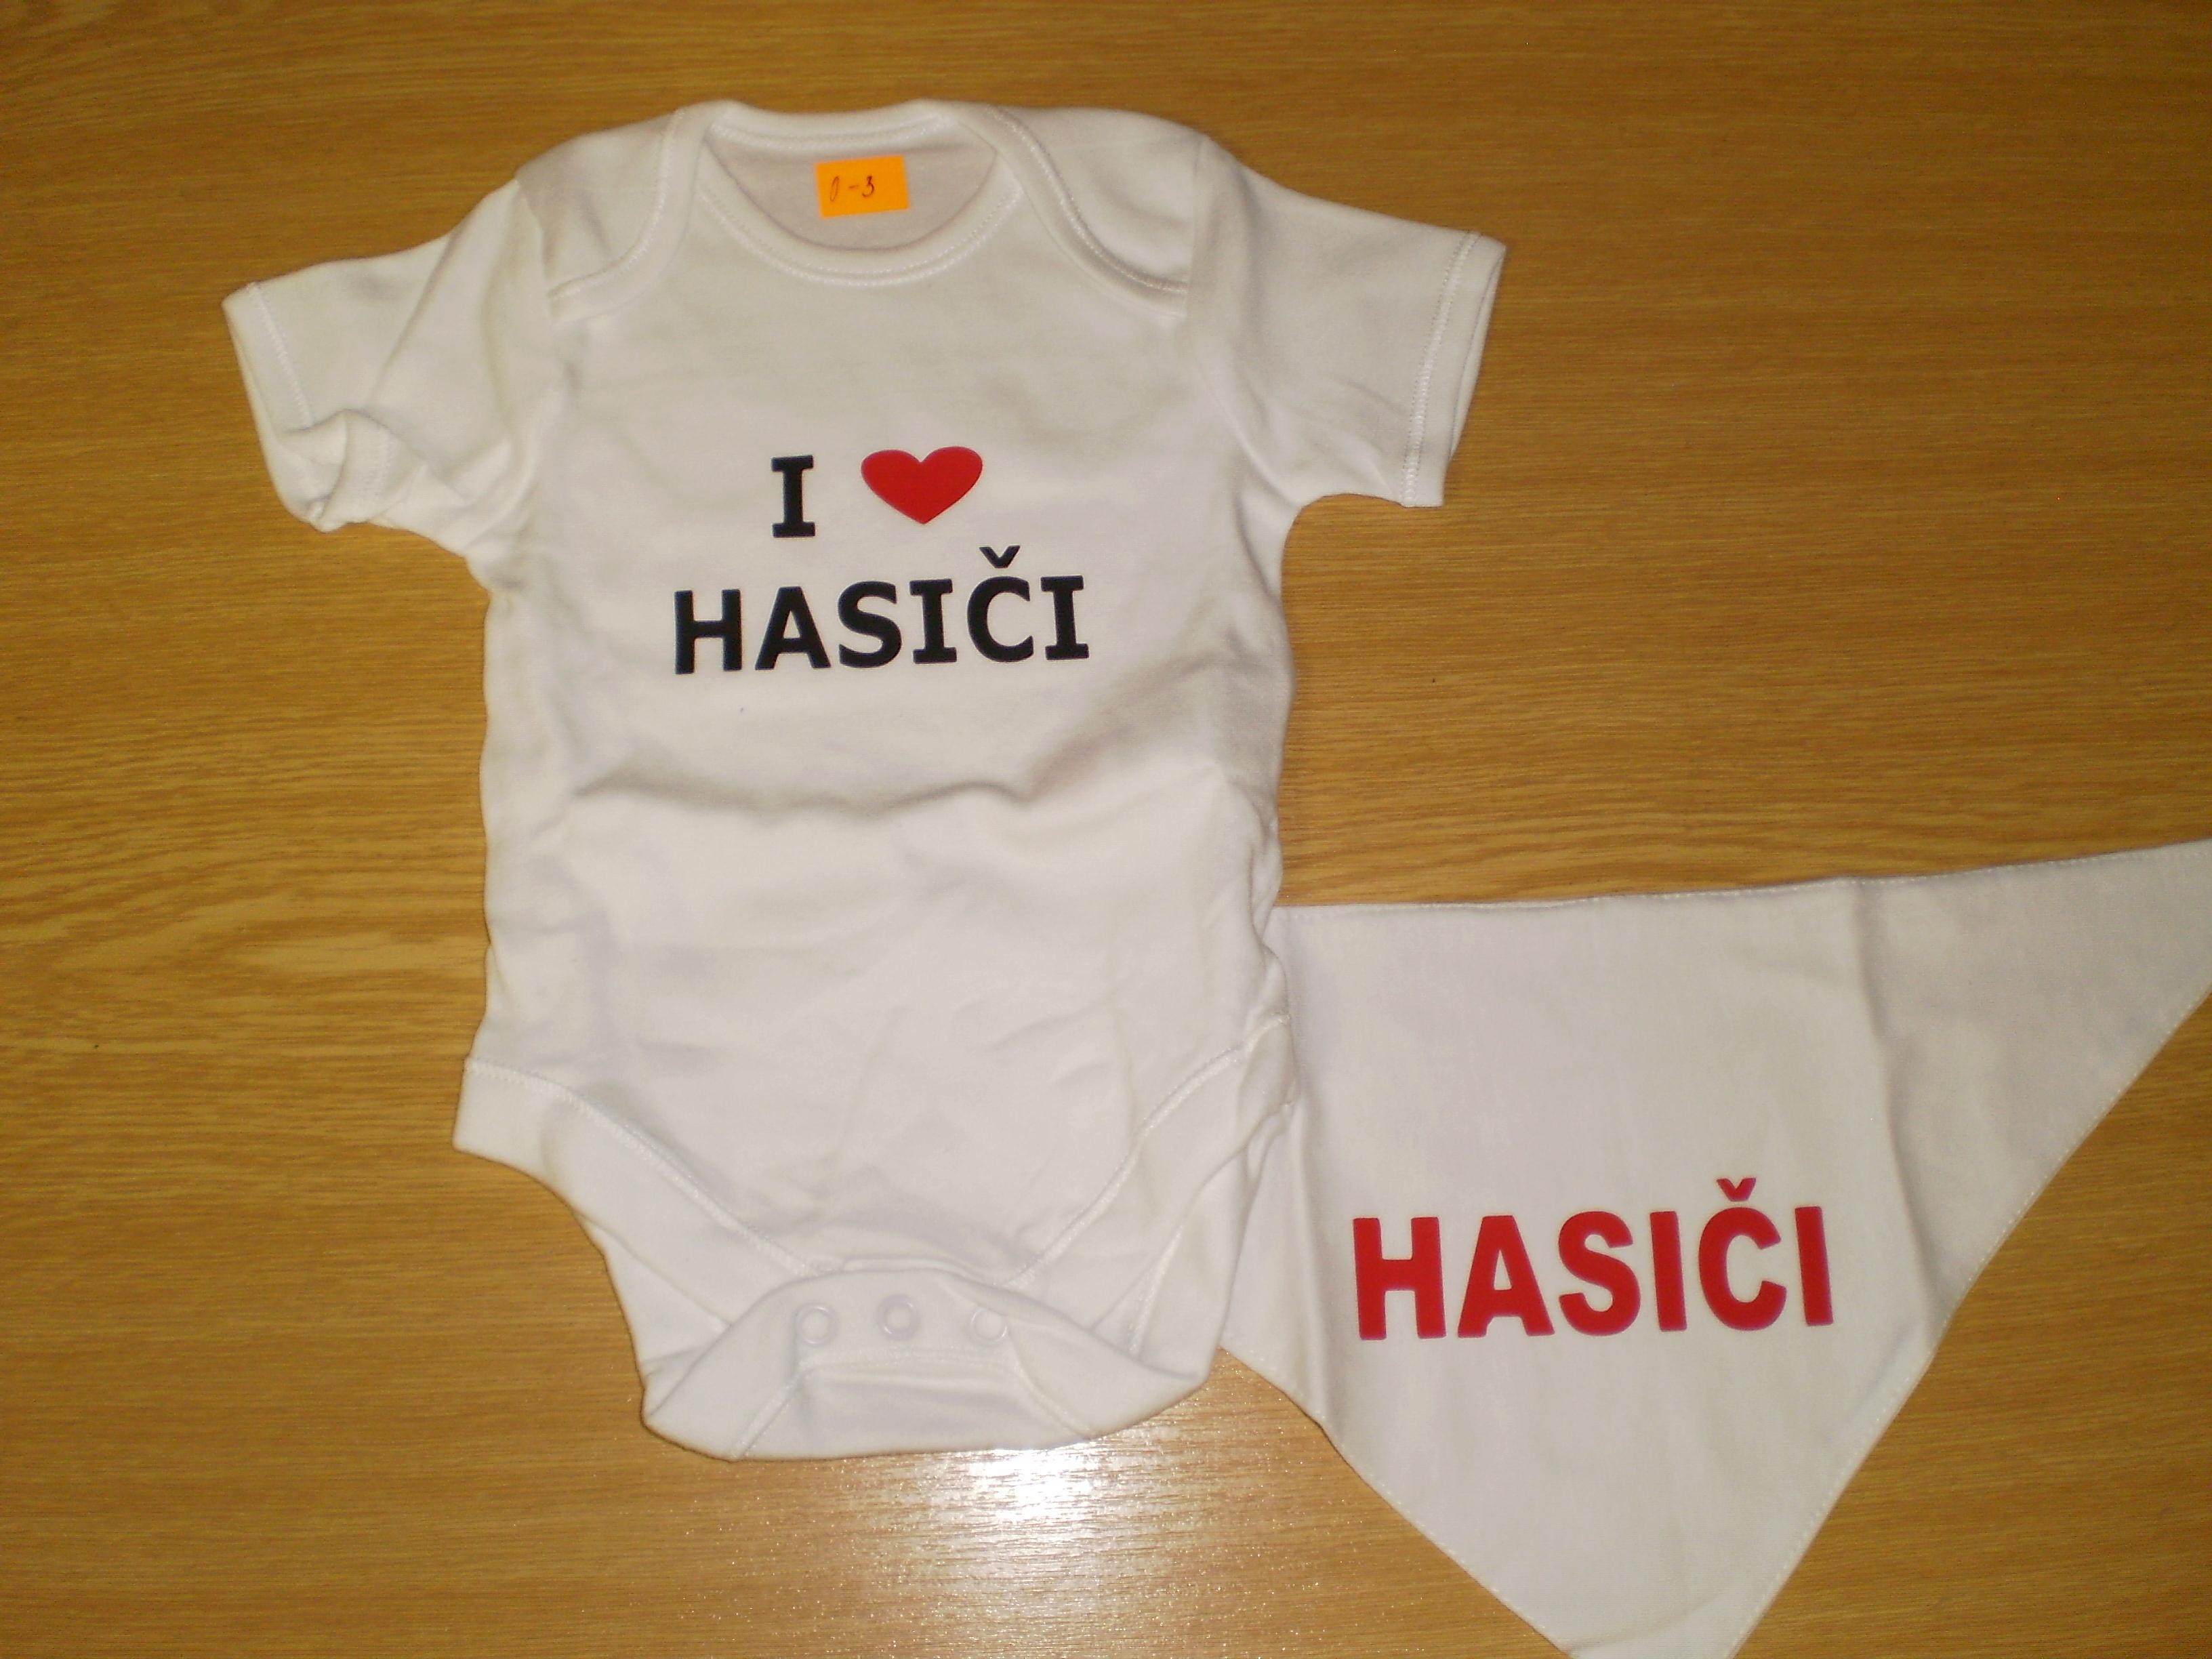 e64a708228f Dětský set - body a šáteček s nápisem HASIČI